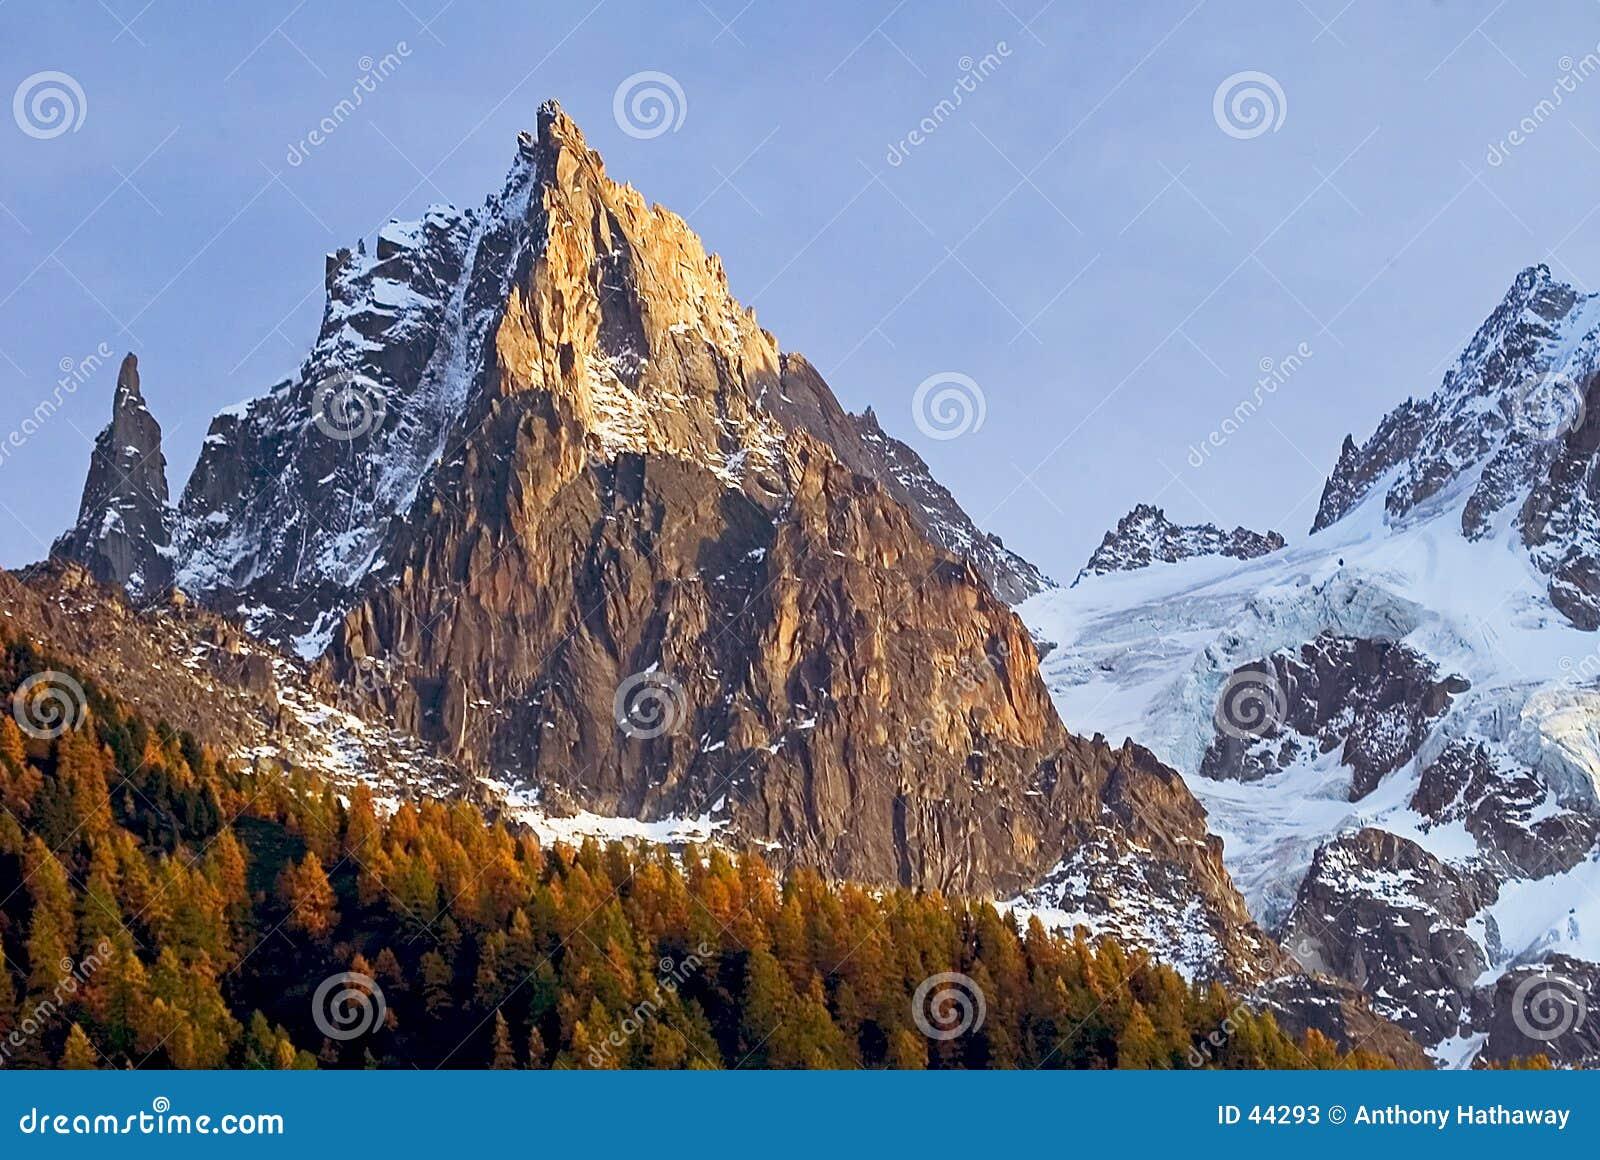 Download Modrzew wysokogórska scena obraz stock. Obraz złożonej z sezonowy - 44293